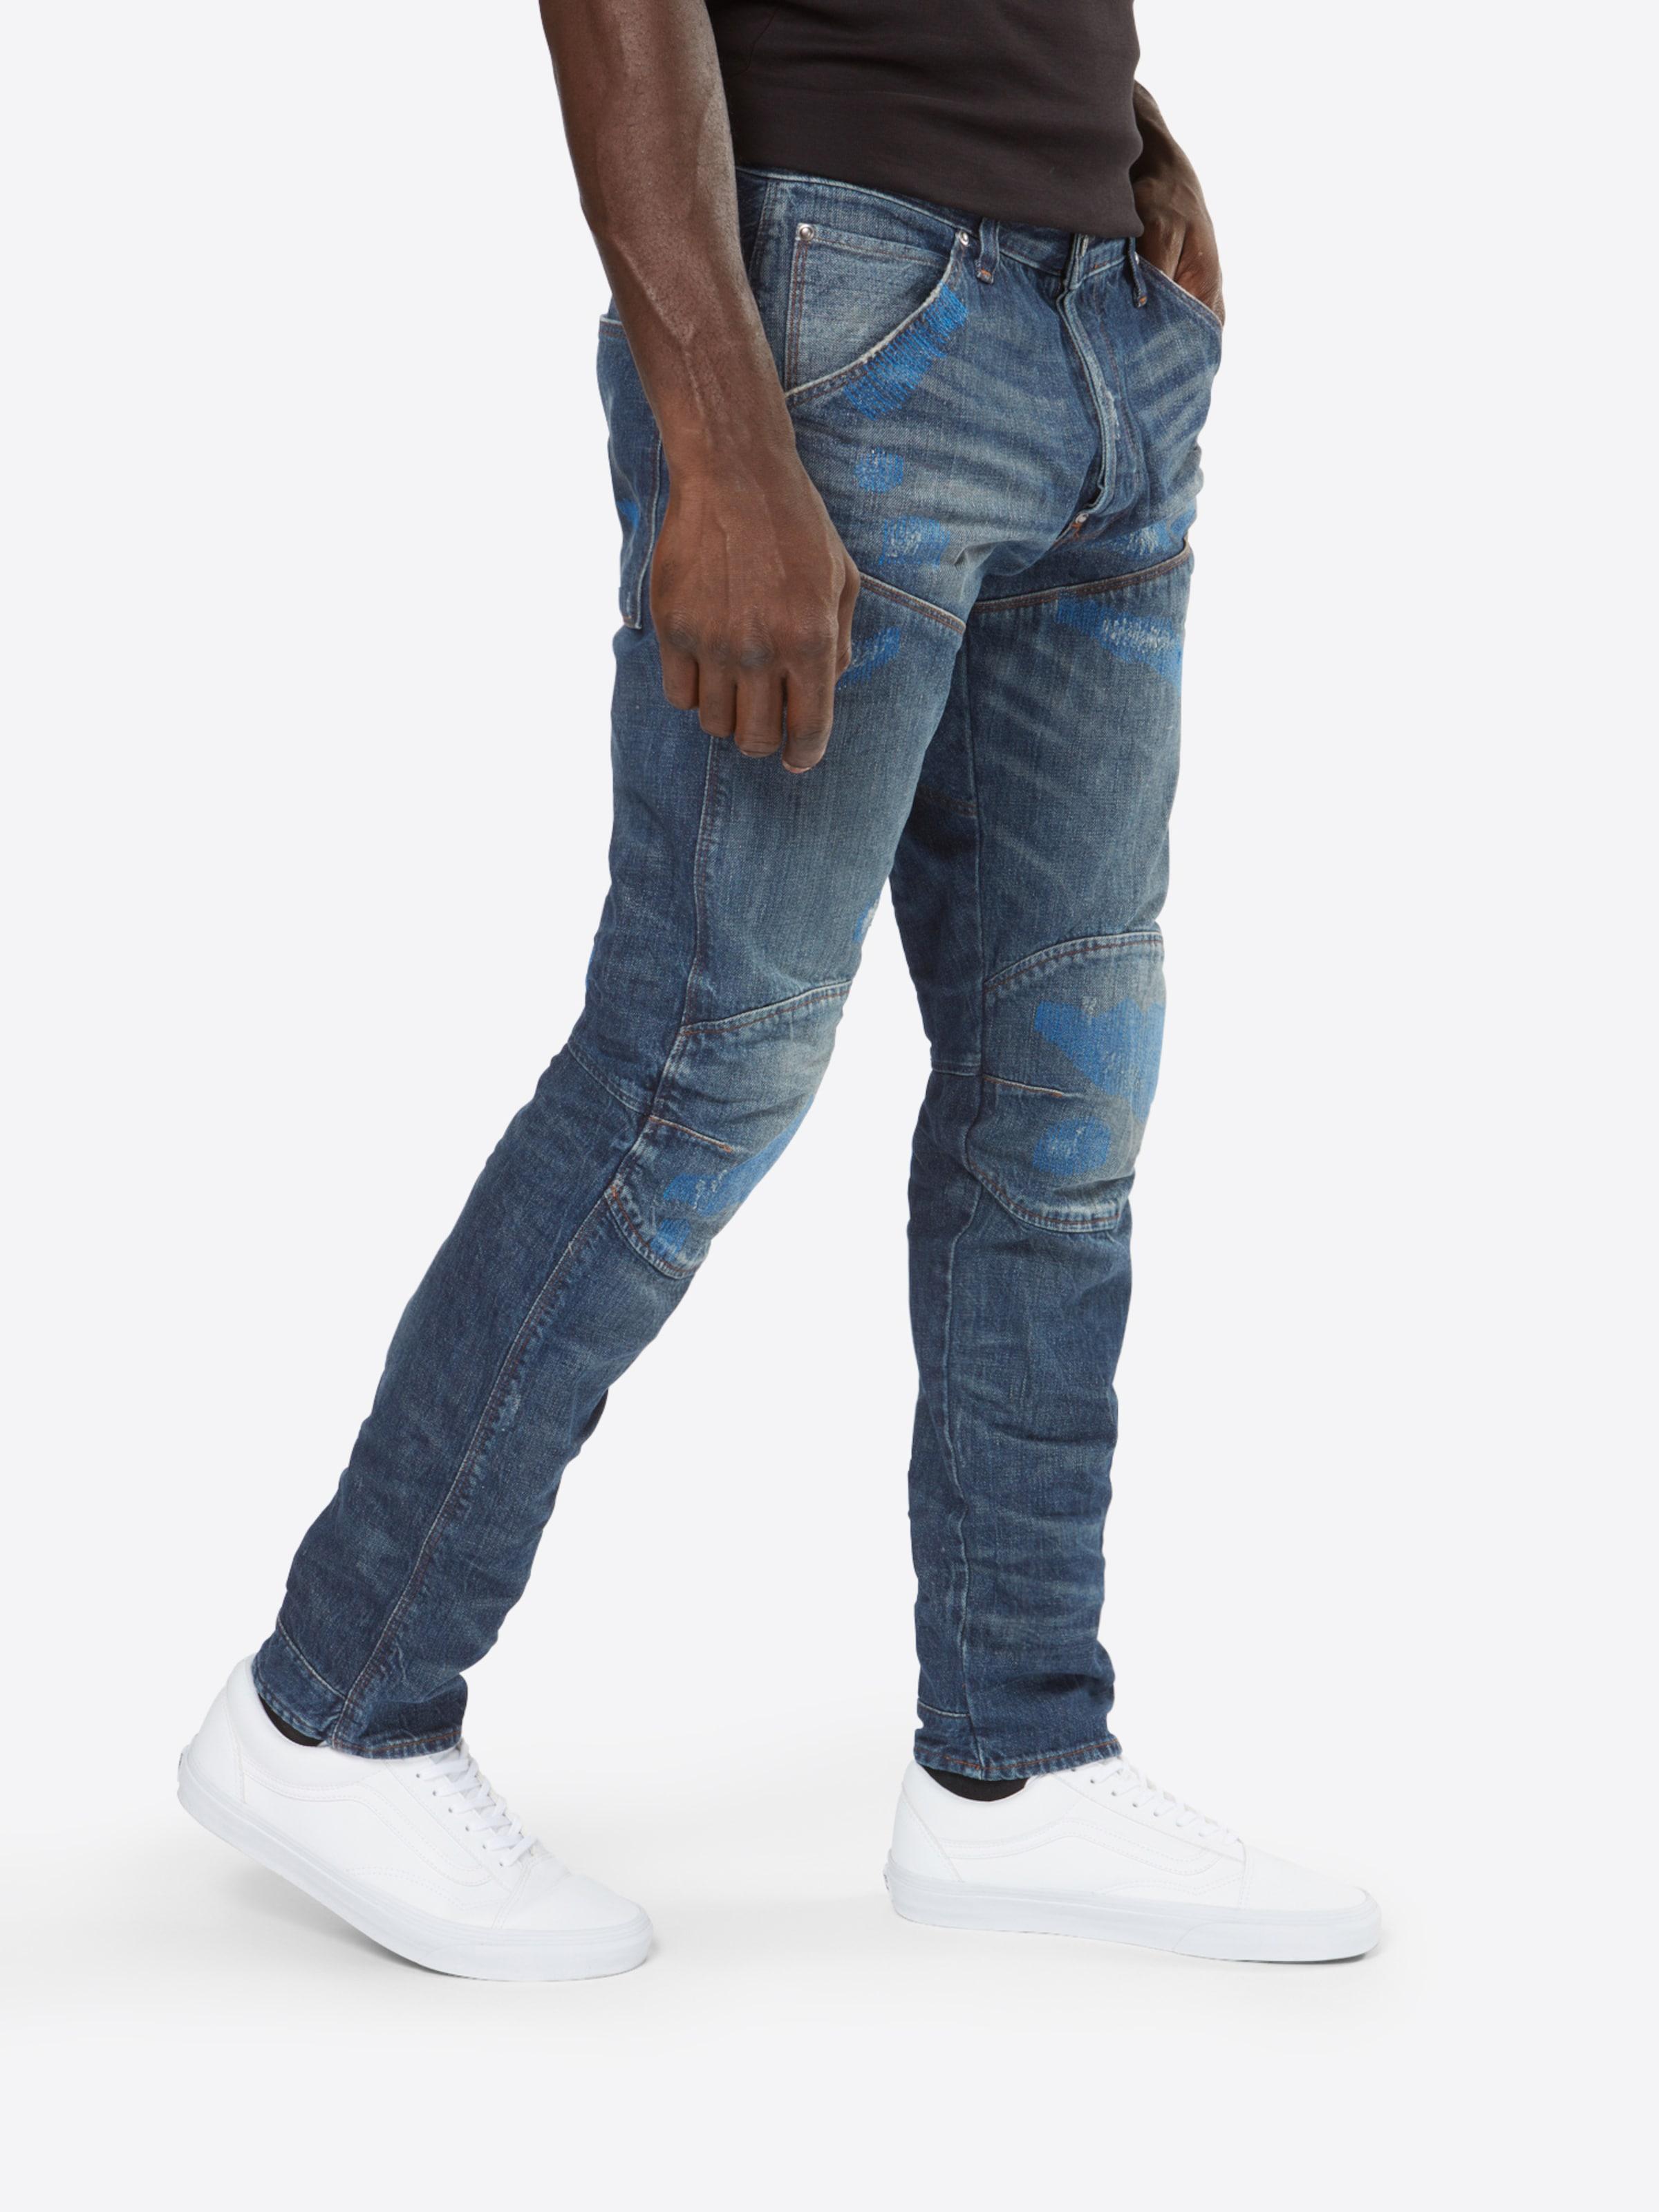 G-STAR RAW Jeans '5620 3D Tapered' Online Kaufen Authentisch Freies Verschiffen Günstig Online jtm4a7